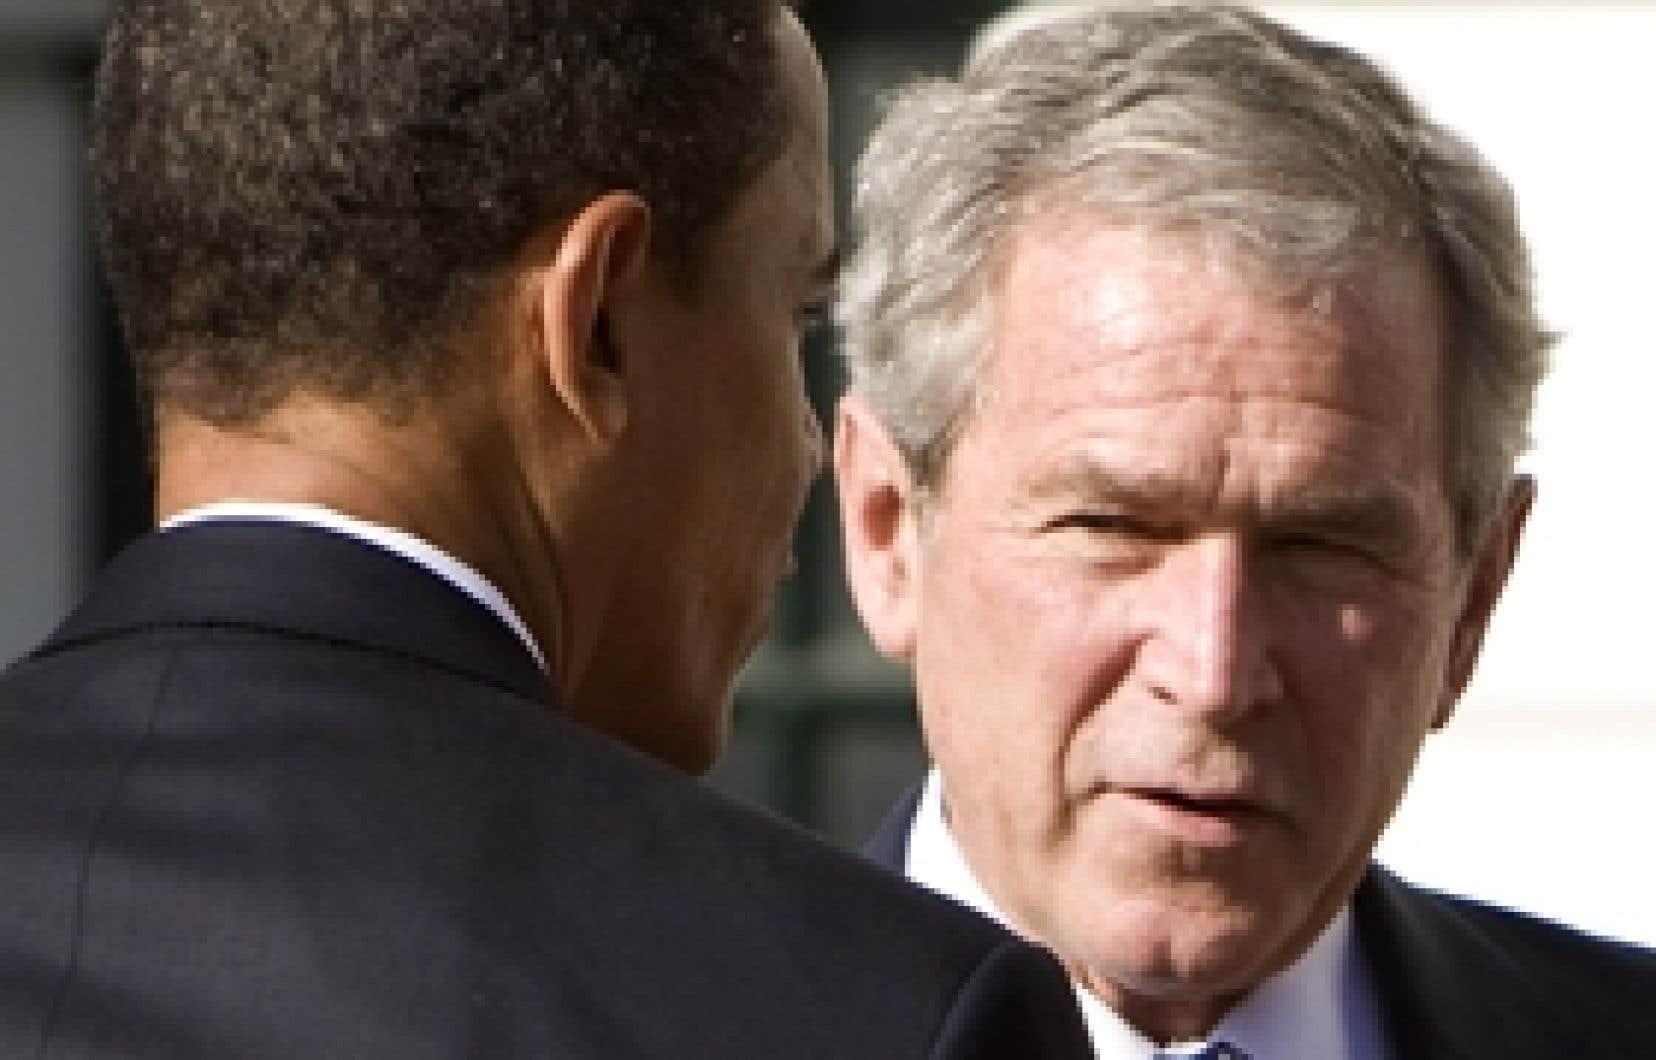 Barack Obama a été accueilli par George W. Bush à son arrivée à la Maison-Blanche.